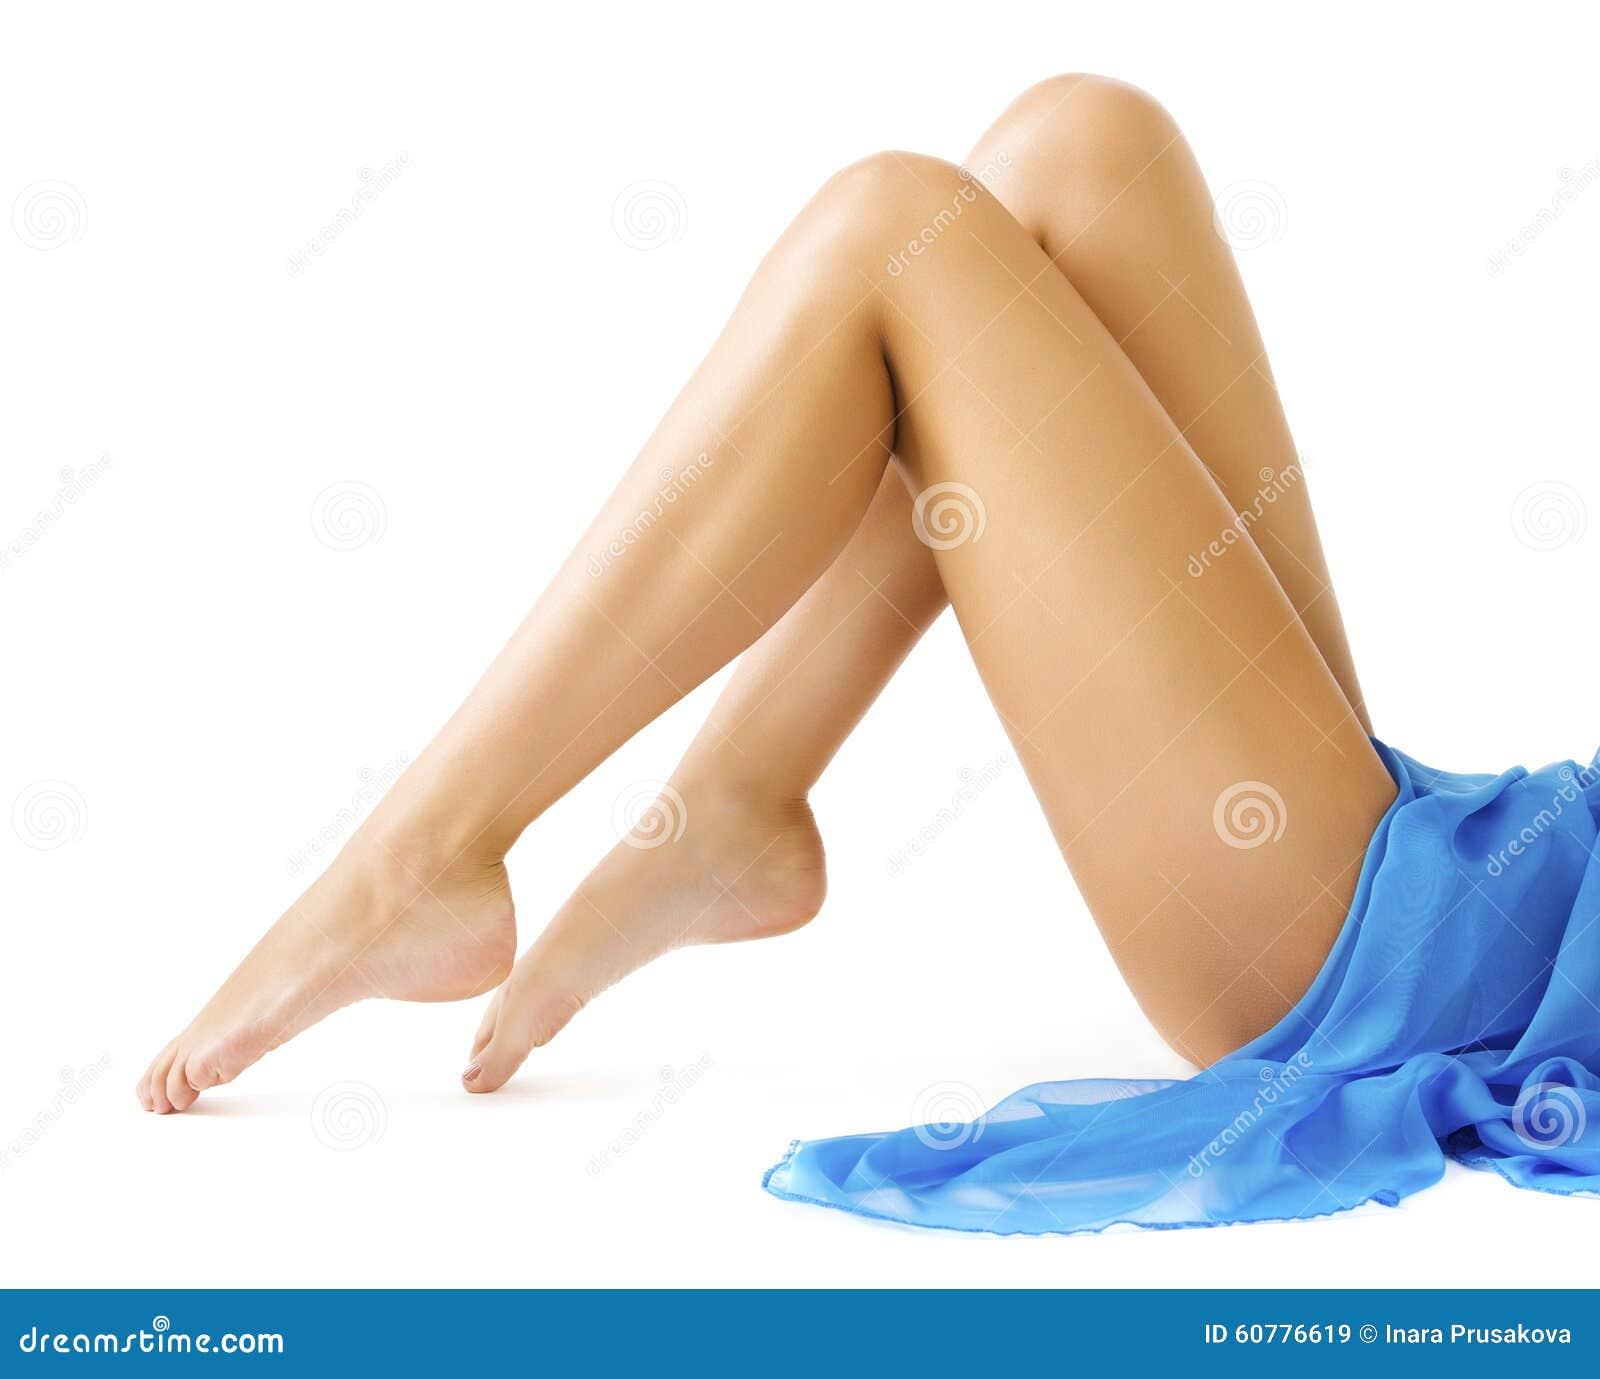 Jambes de femme, peau lisse de jambe mince, fille dans la robe bleue sur le blanc